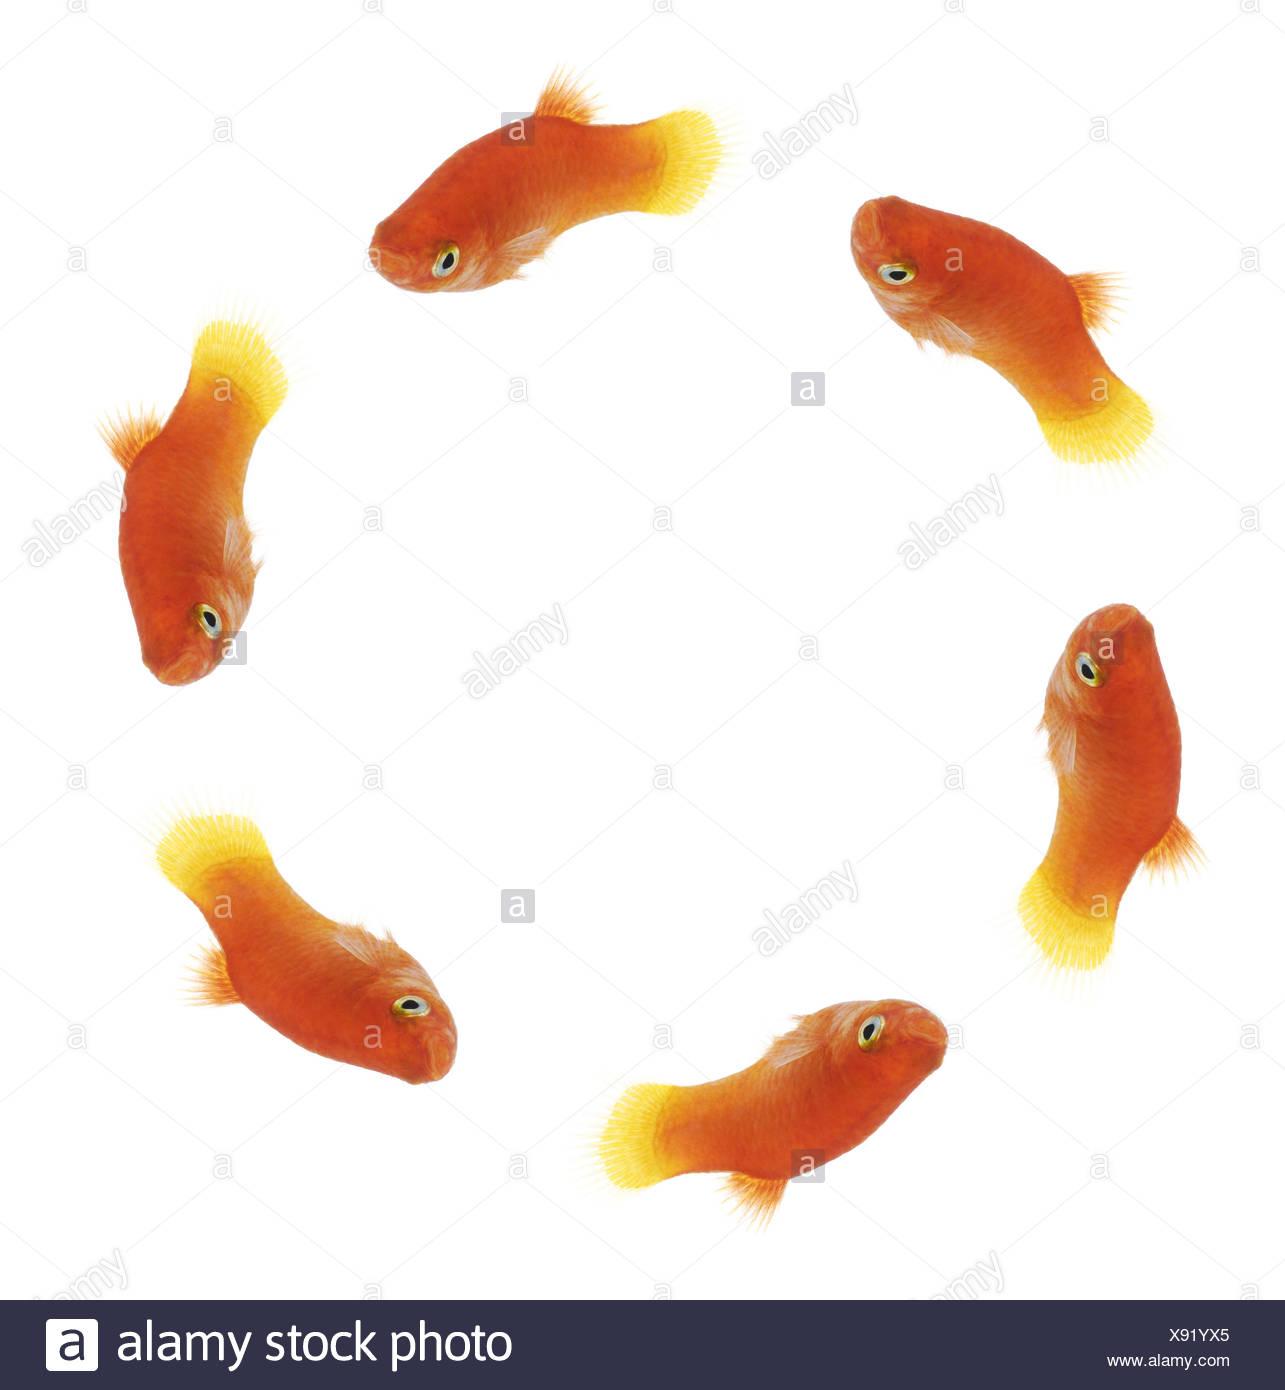 Berühmt Fische Färben Druckbare Seiten Ideen - Entry Level Resume ...